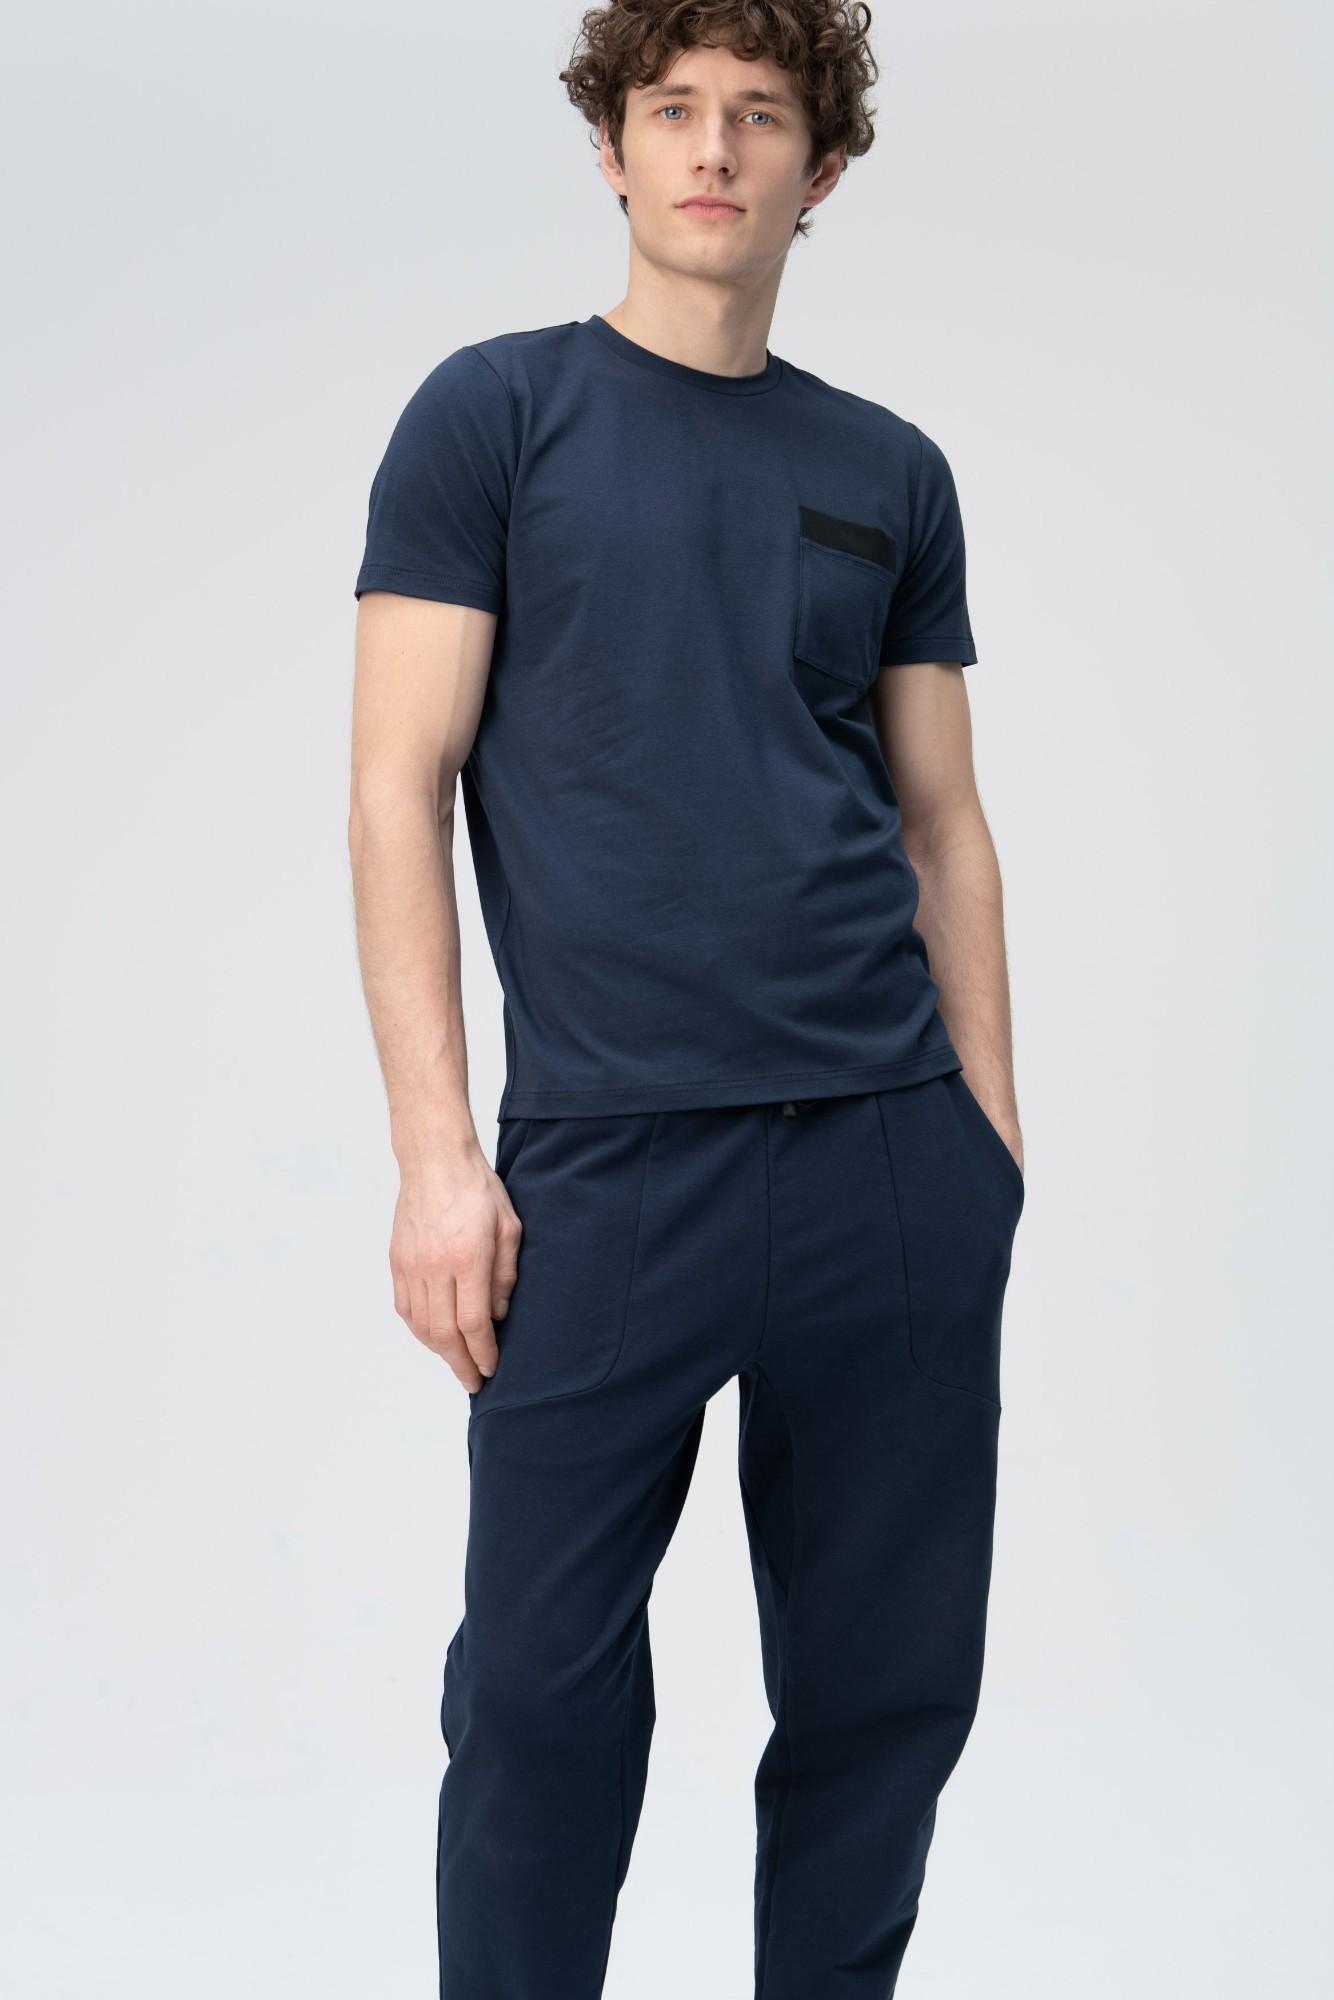 AUDIMAS Švelnūs modalo marškinėliai 2011-512 Navy Blazer M